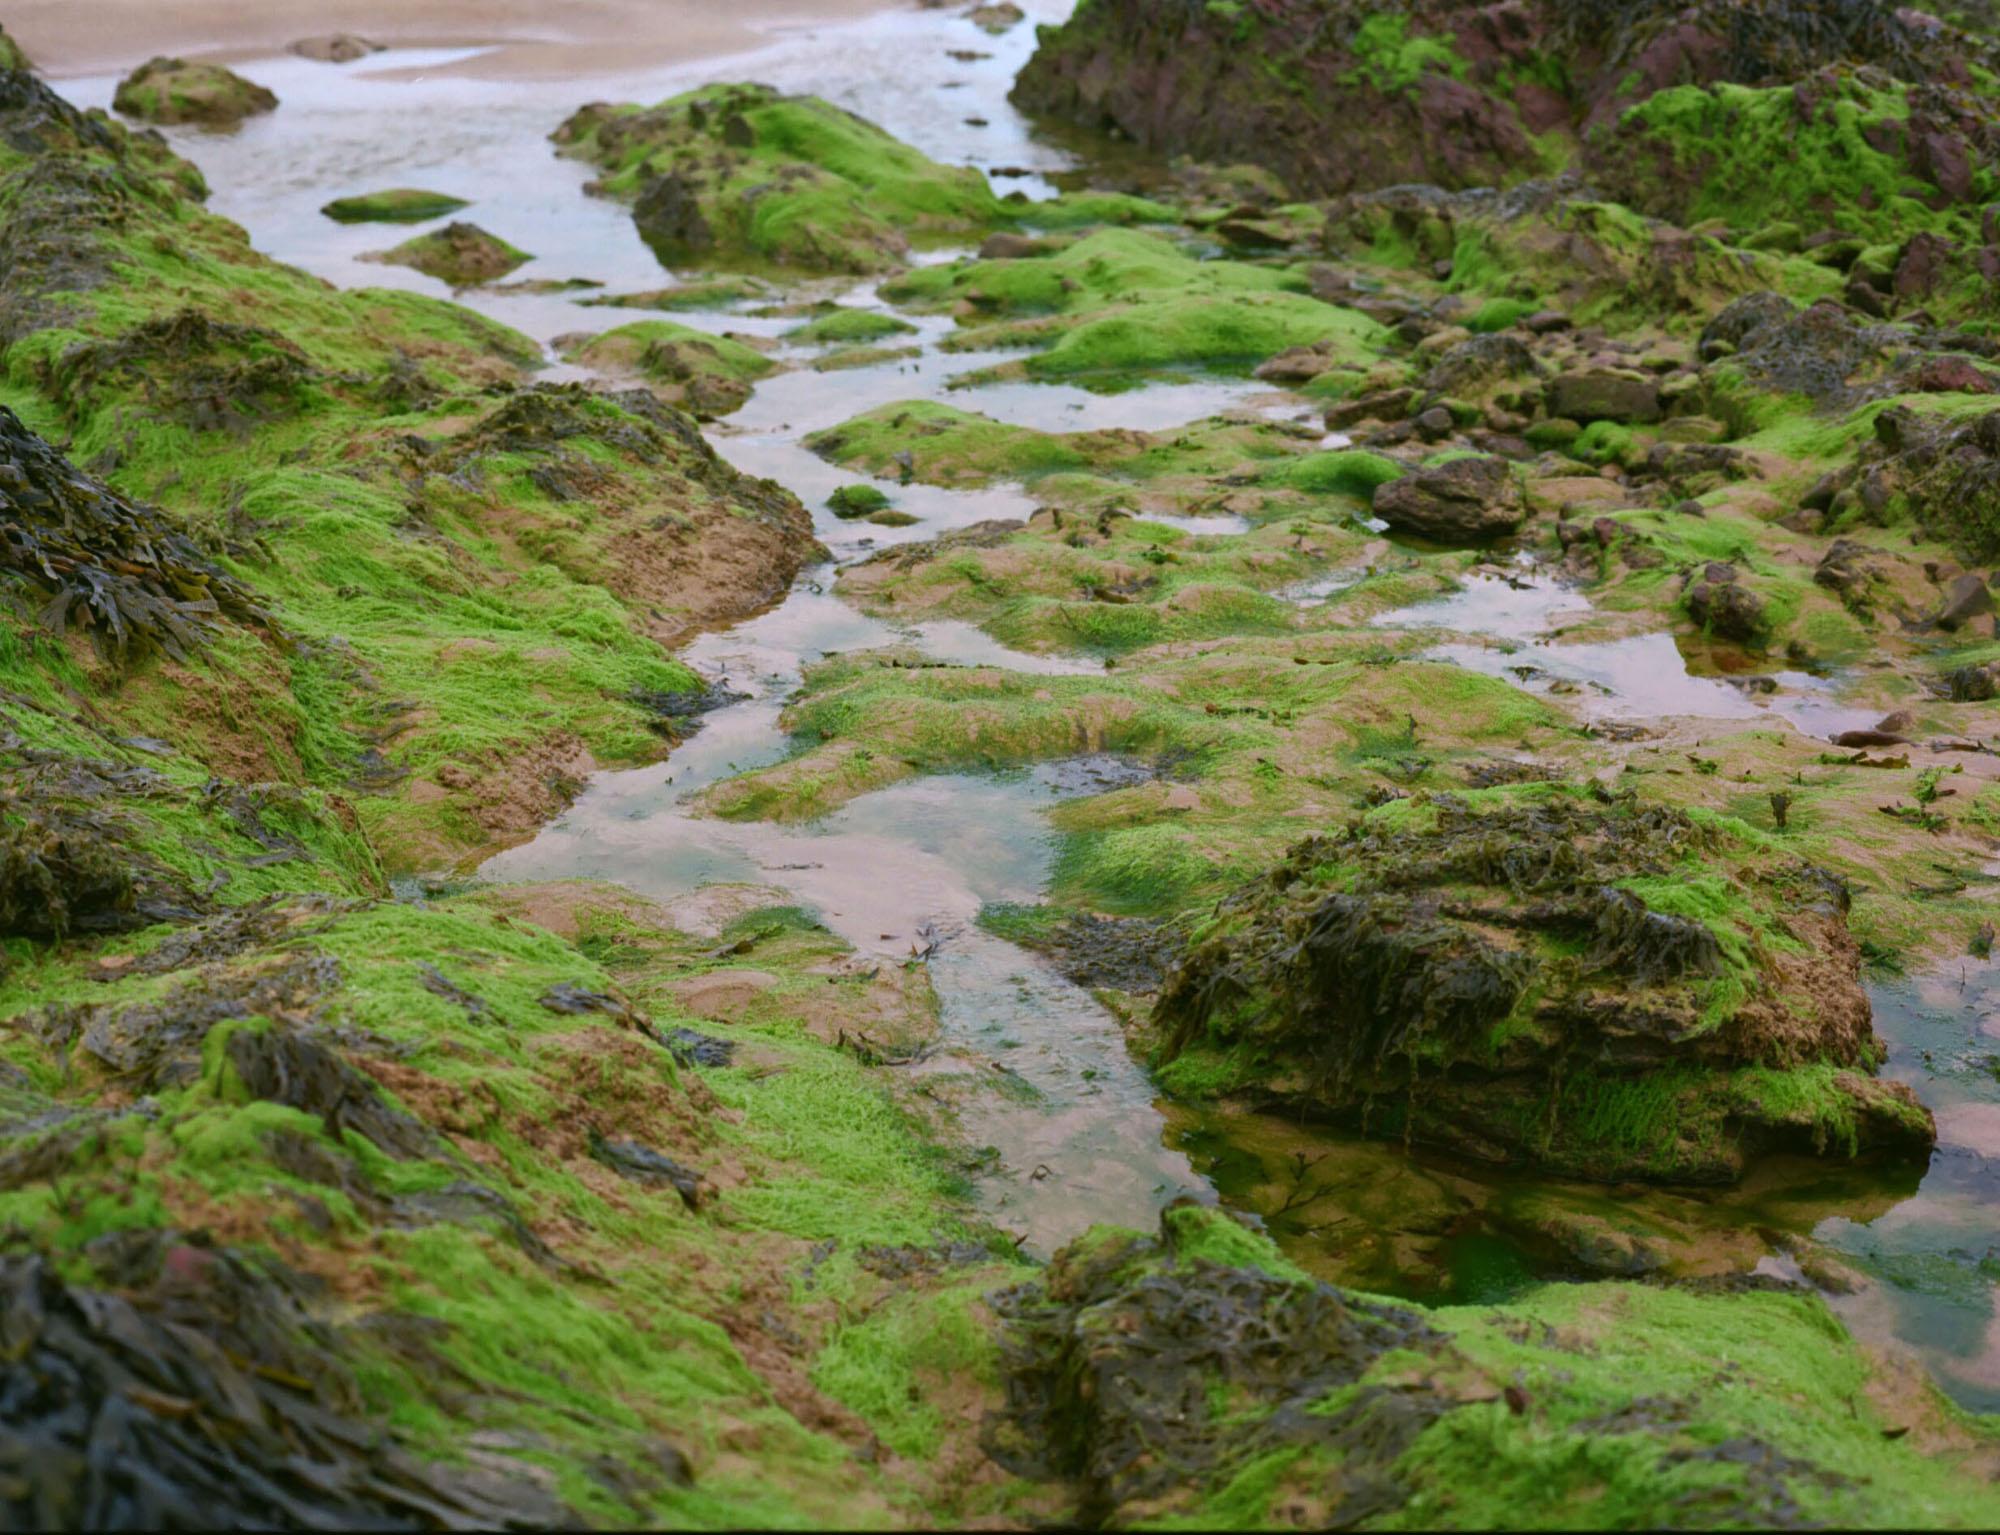 PembrokeshireBeachfood28.jpg